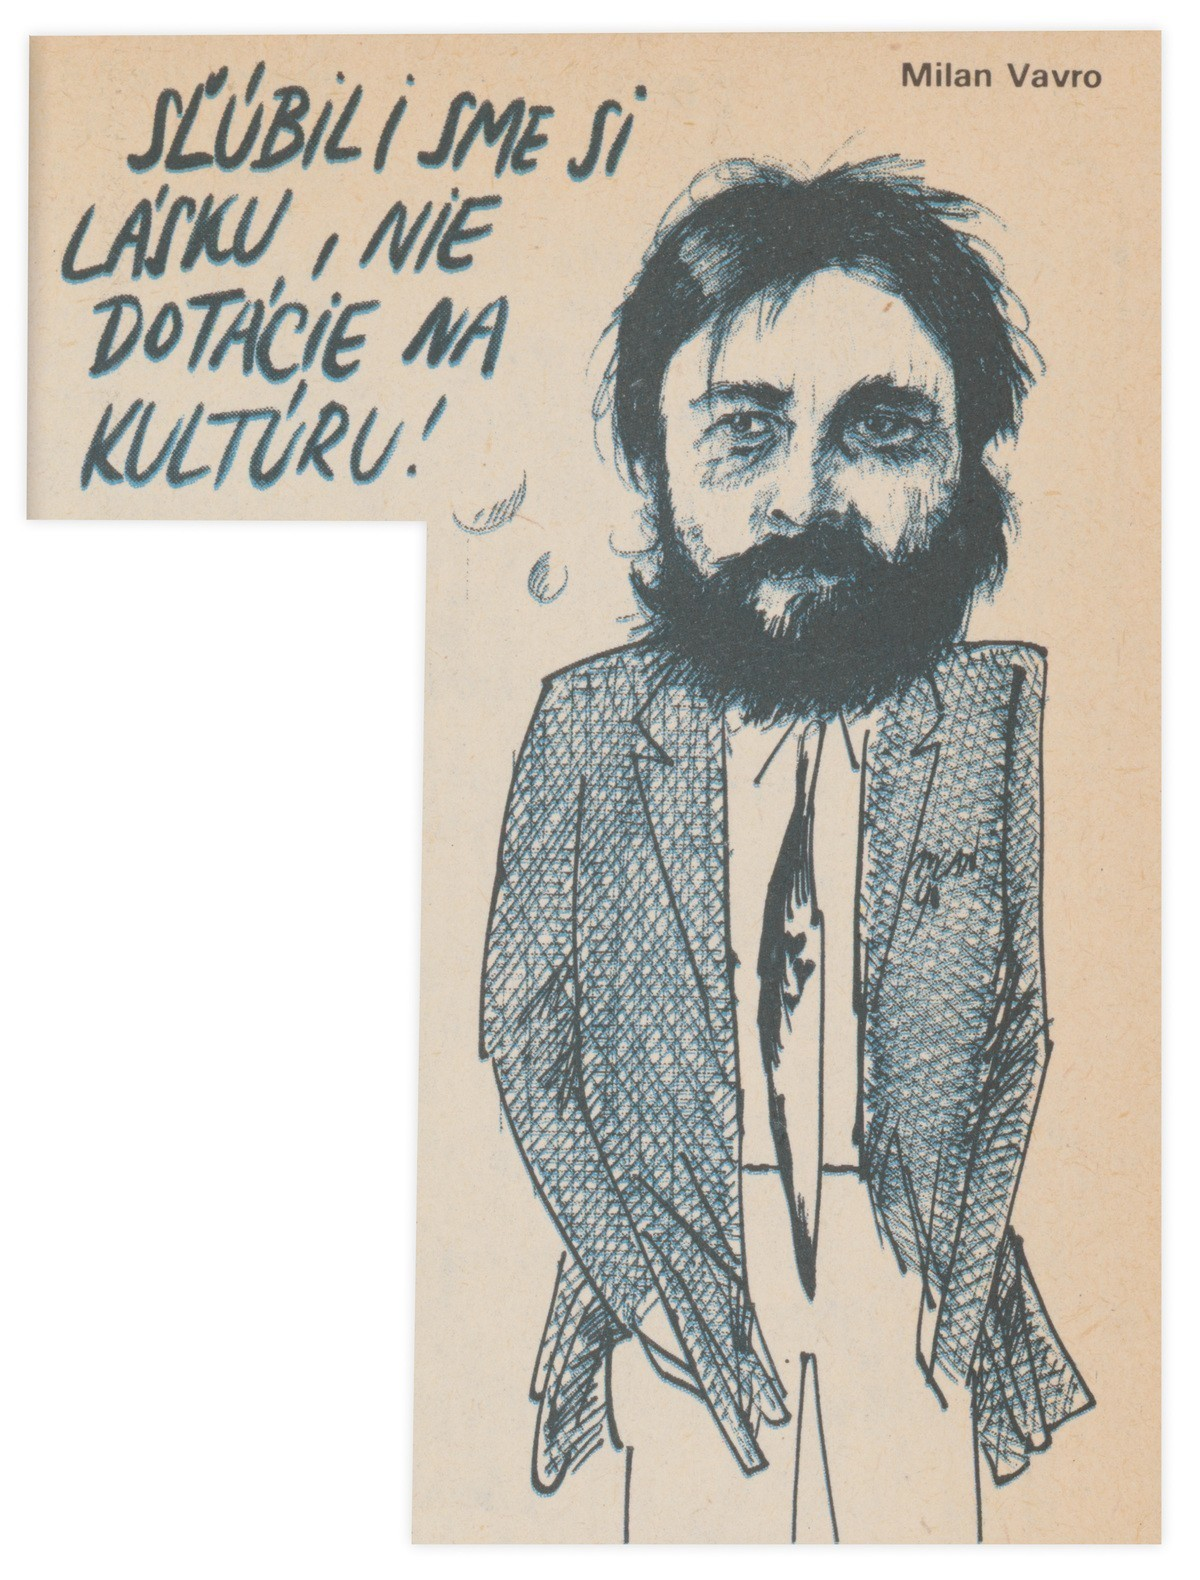 Milan Vavro, Sľúbili sme si lásku. 1990. Časopis Roháč